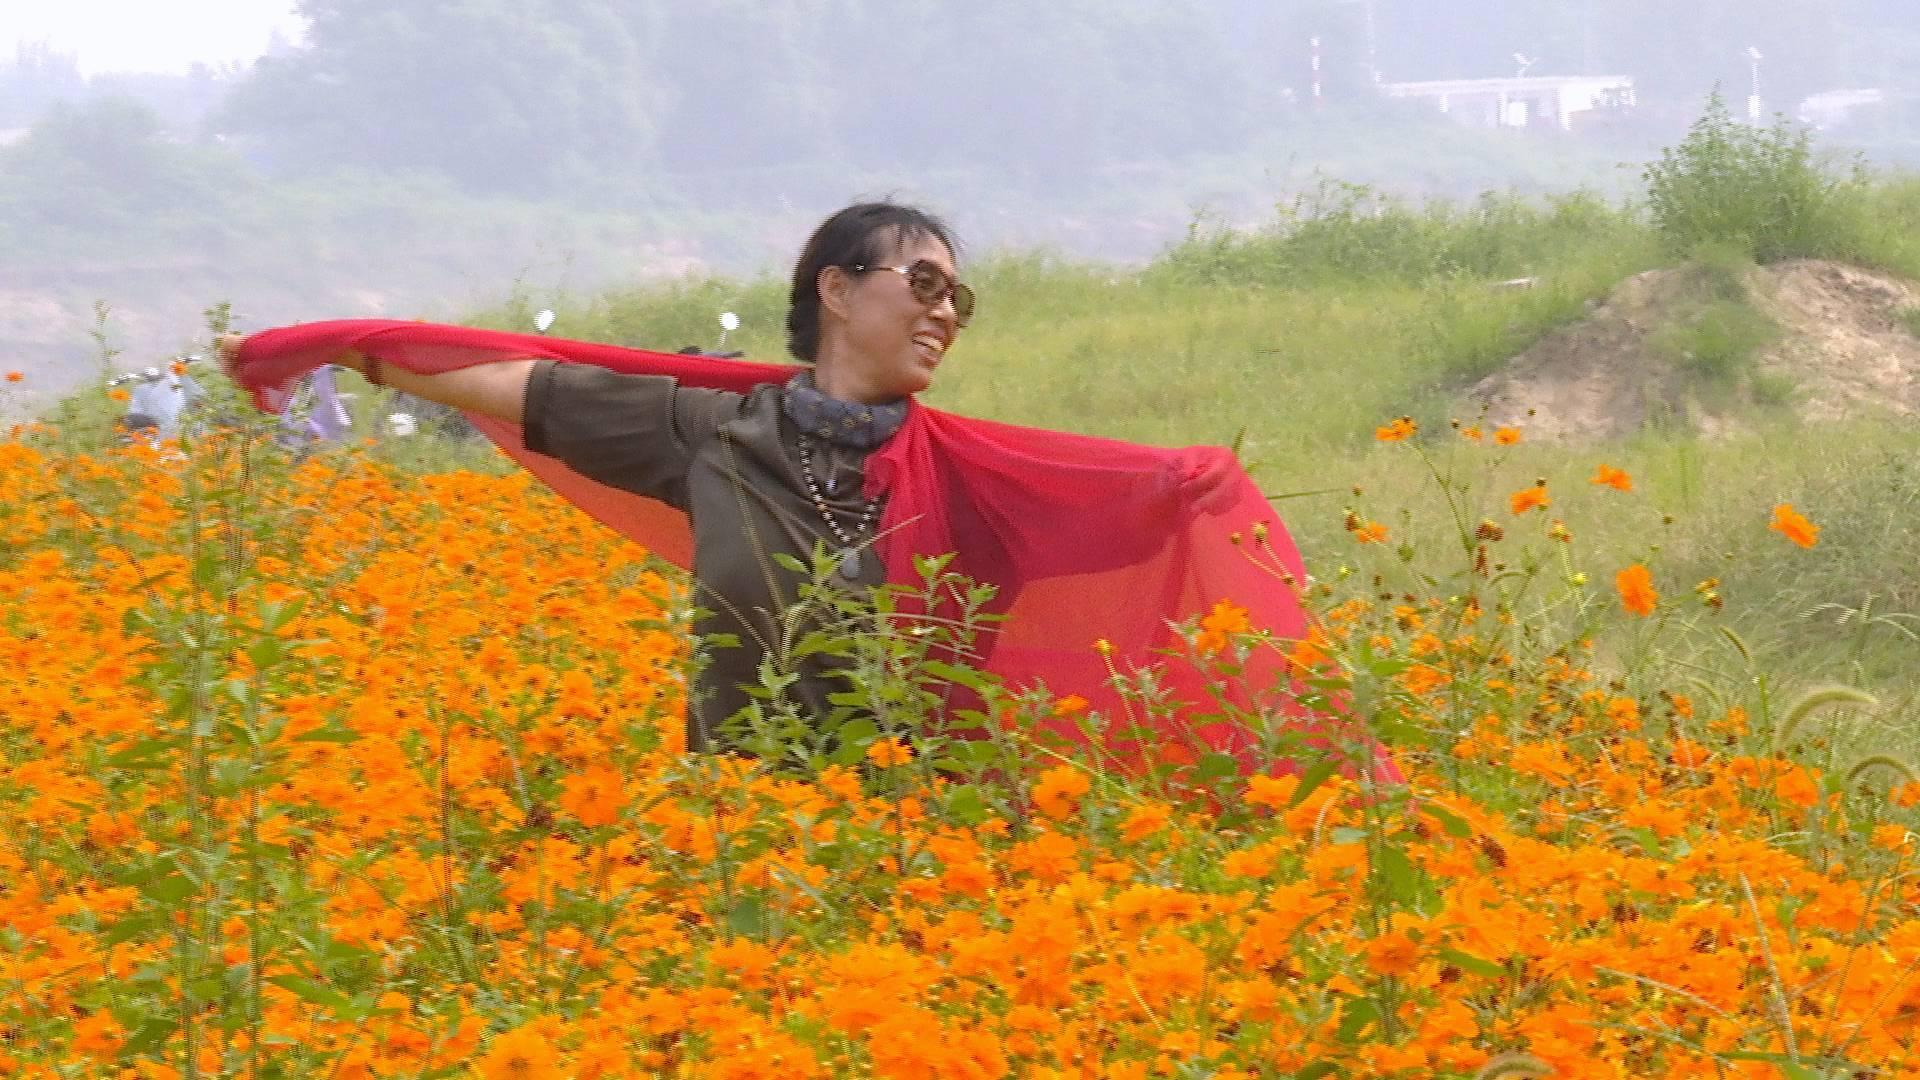 在济南,这场人与橙黄花海的比美可别错过!